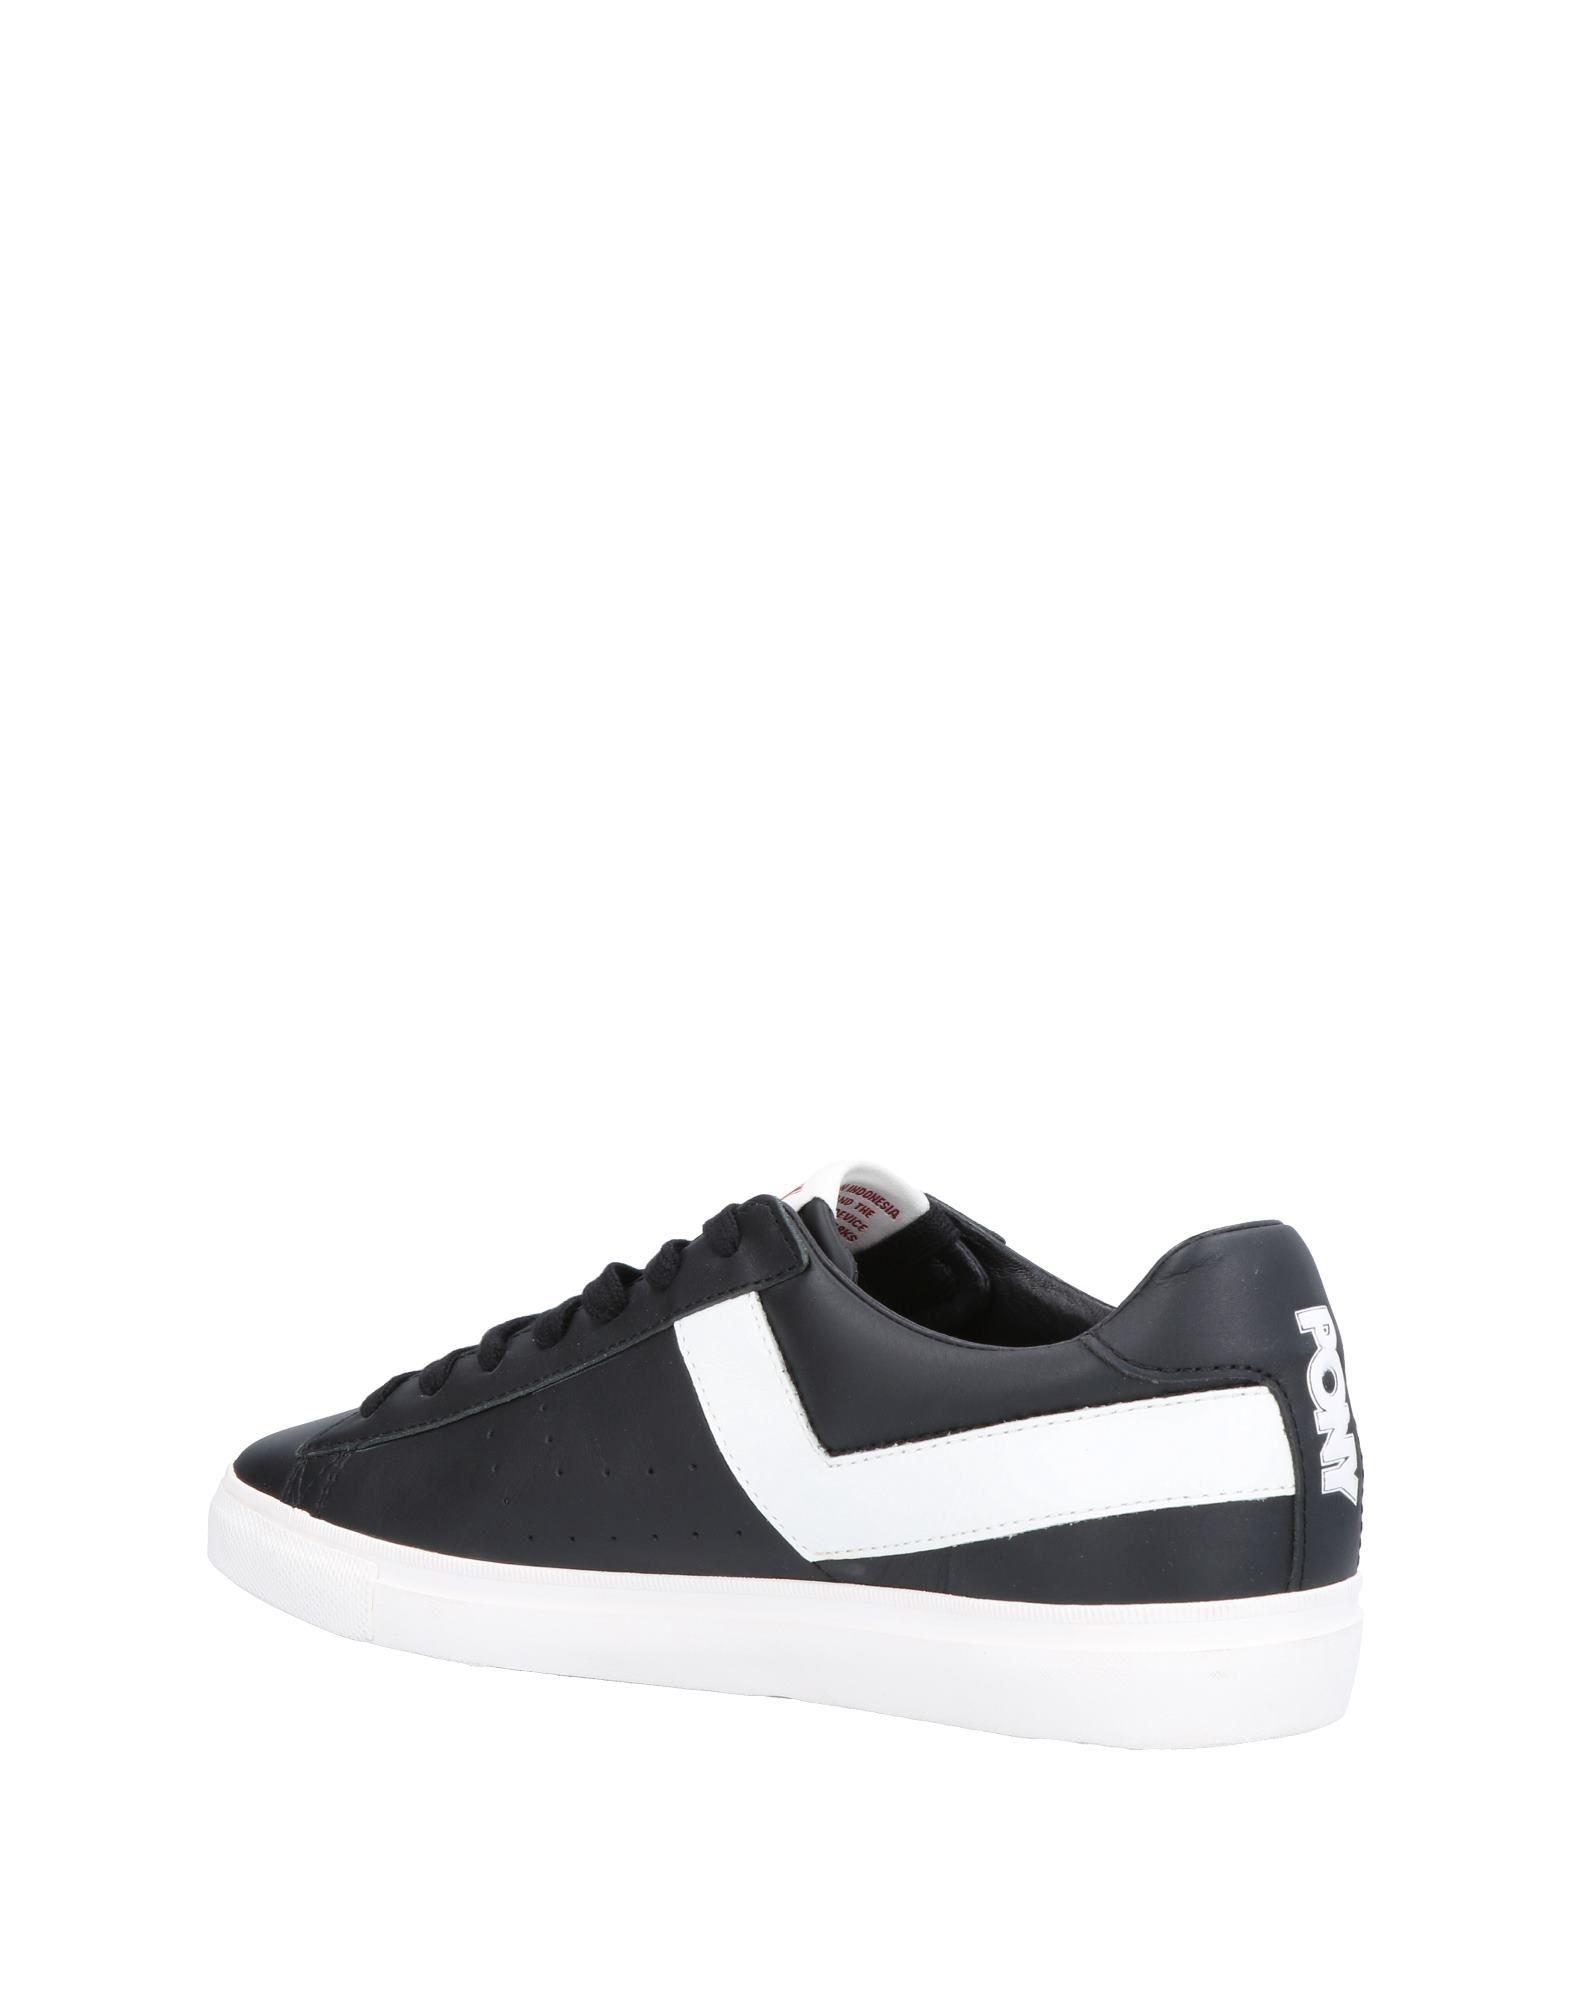 Rabatt Herren echte Schuhe Pony Sneakers Herren Rabatt  11489132KU 37f9a4